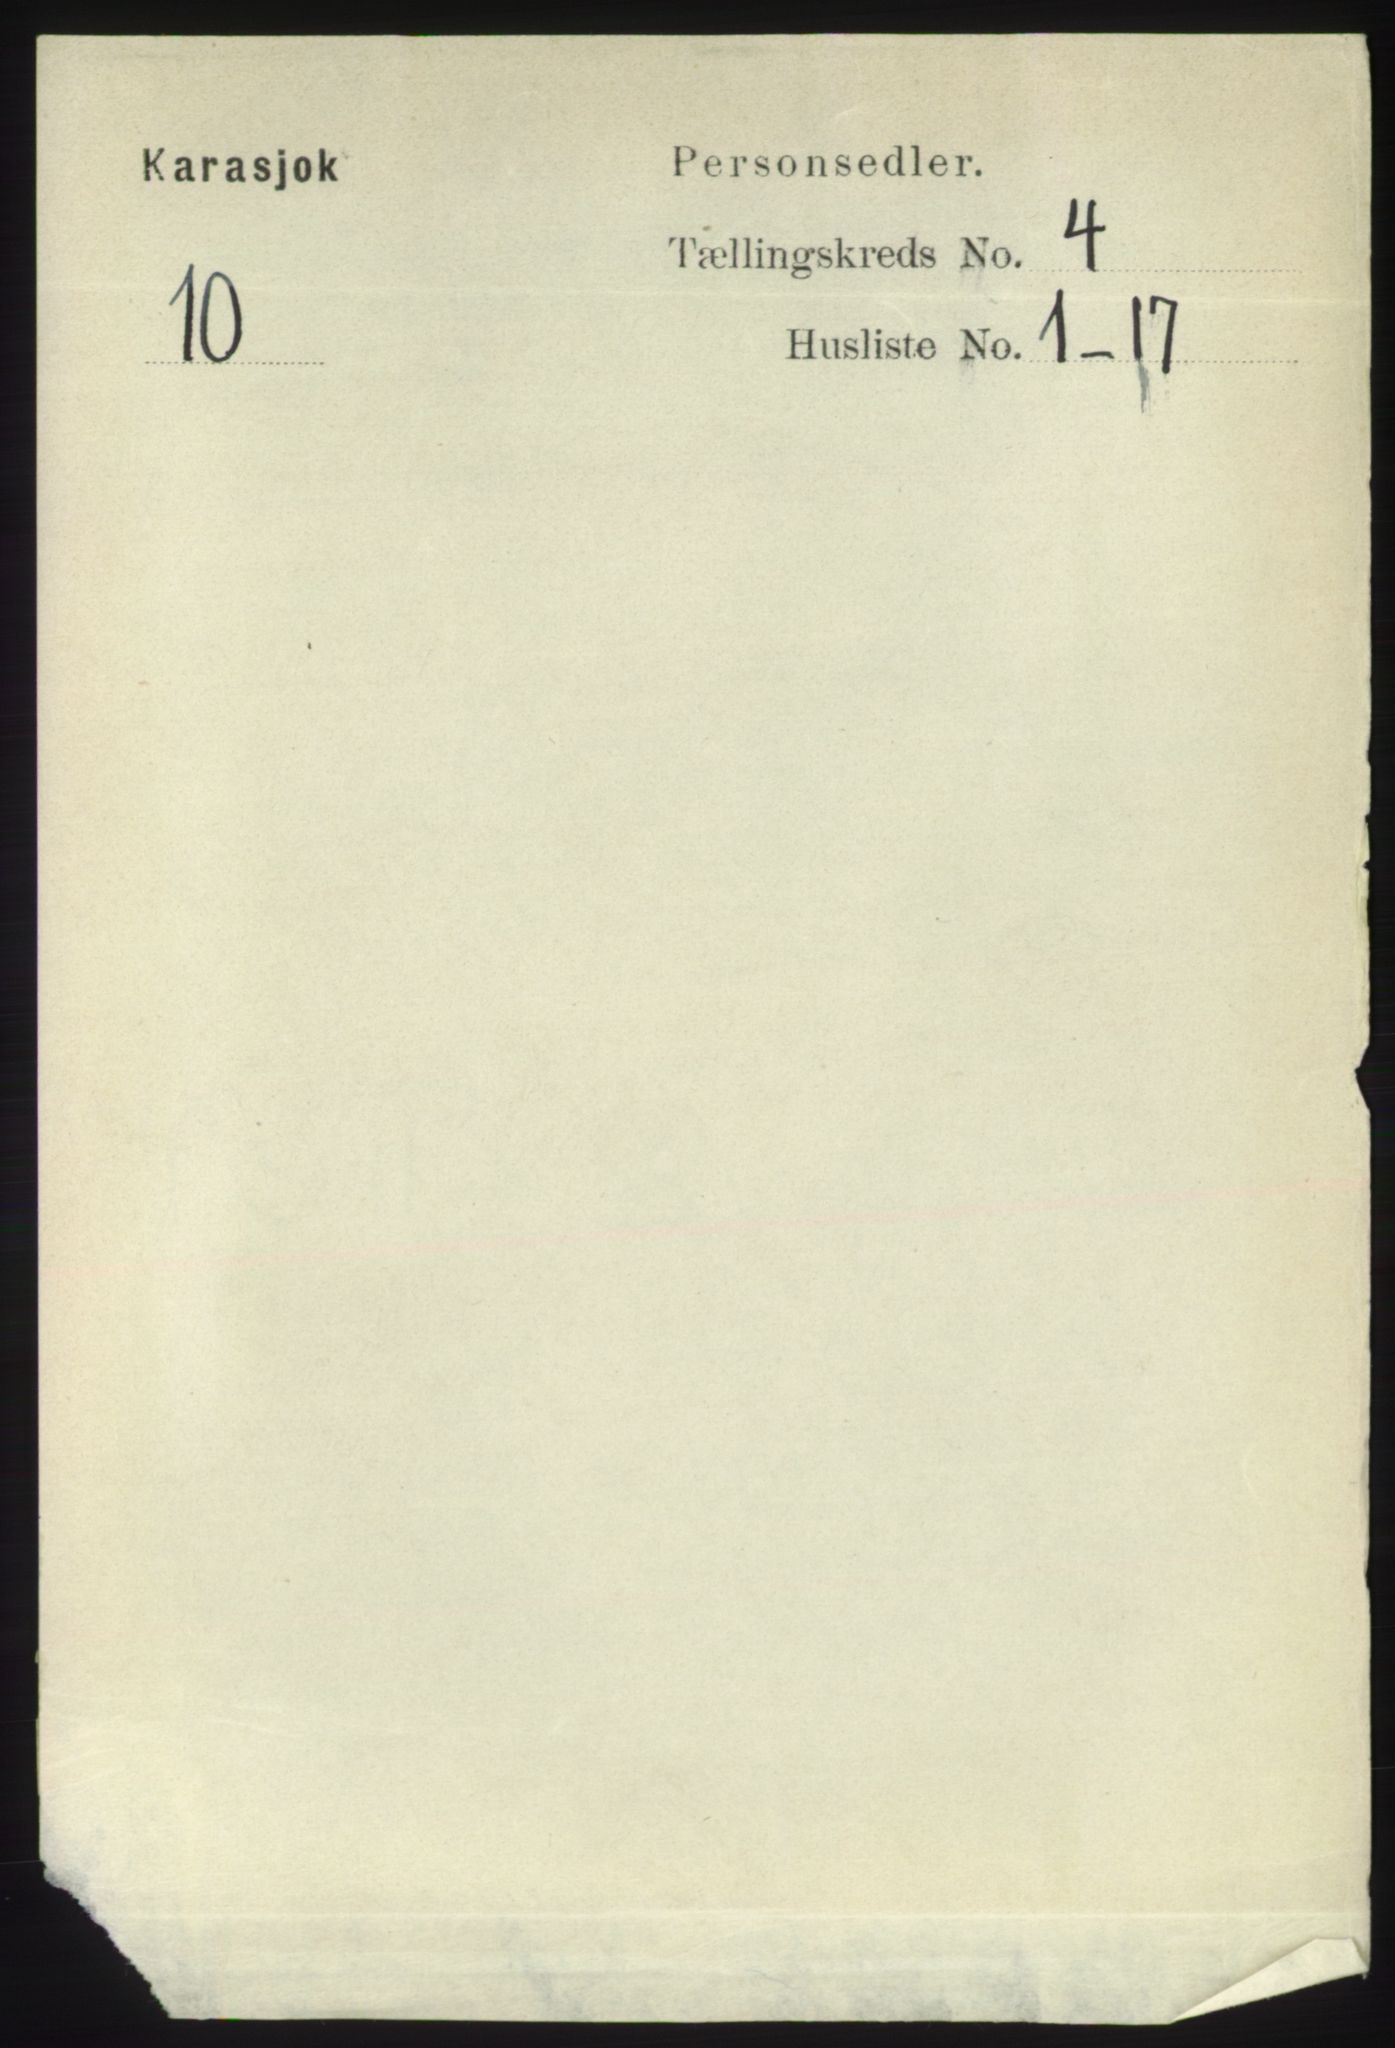 RA, Folketelling 1891 for 2021 Karasjok herred, 1891, s. 692